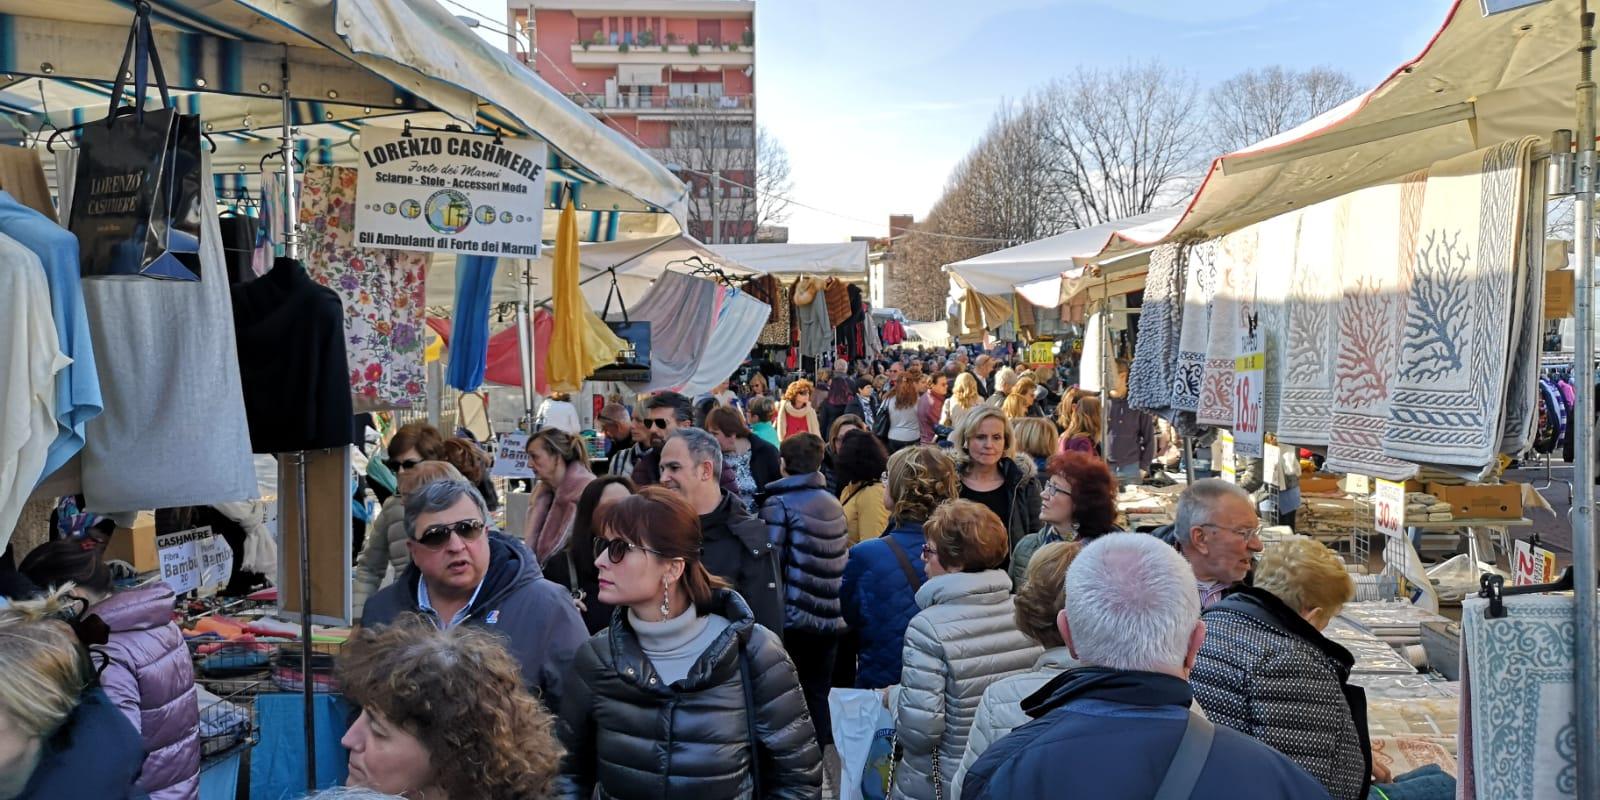 """""""Gli Ambulanti di Forte dei Marmi"""" arrivano a Legnano FOTO - Settegiorni - Settegiorni"""